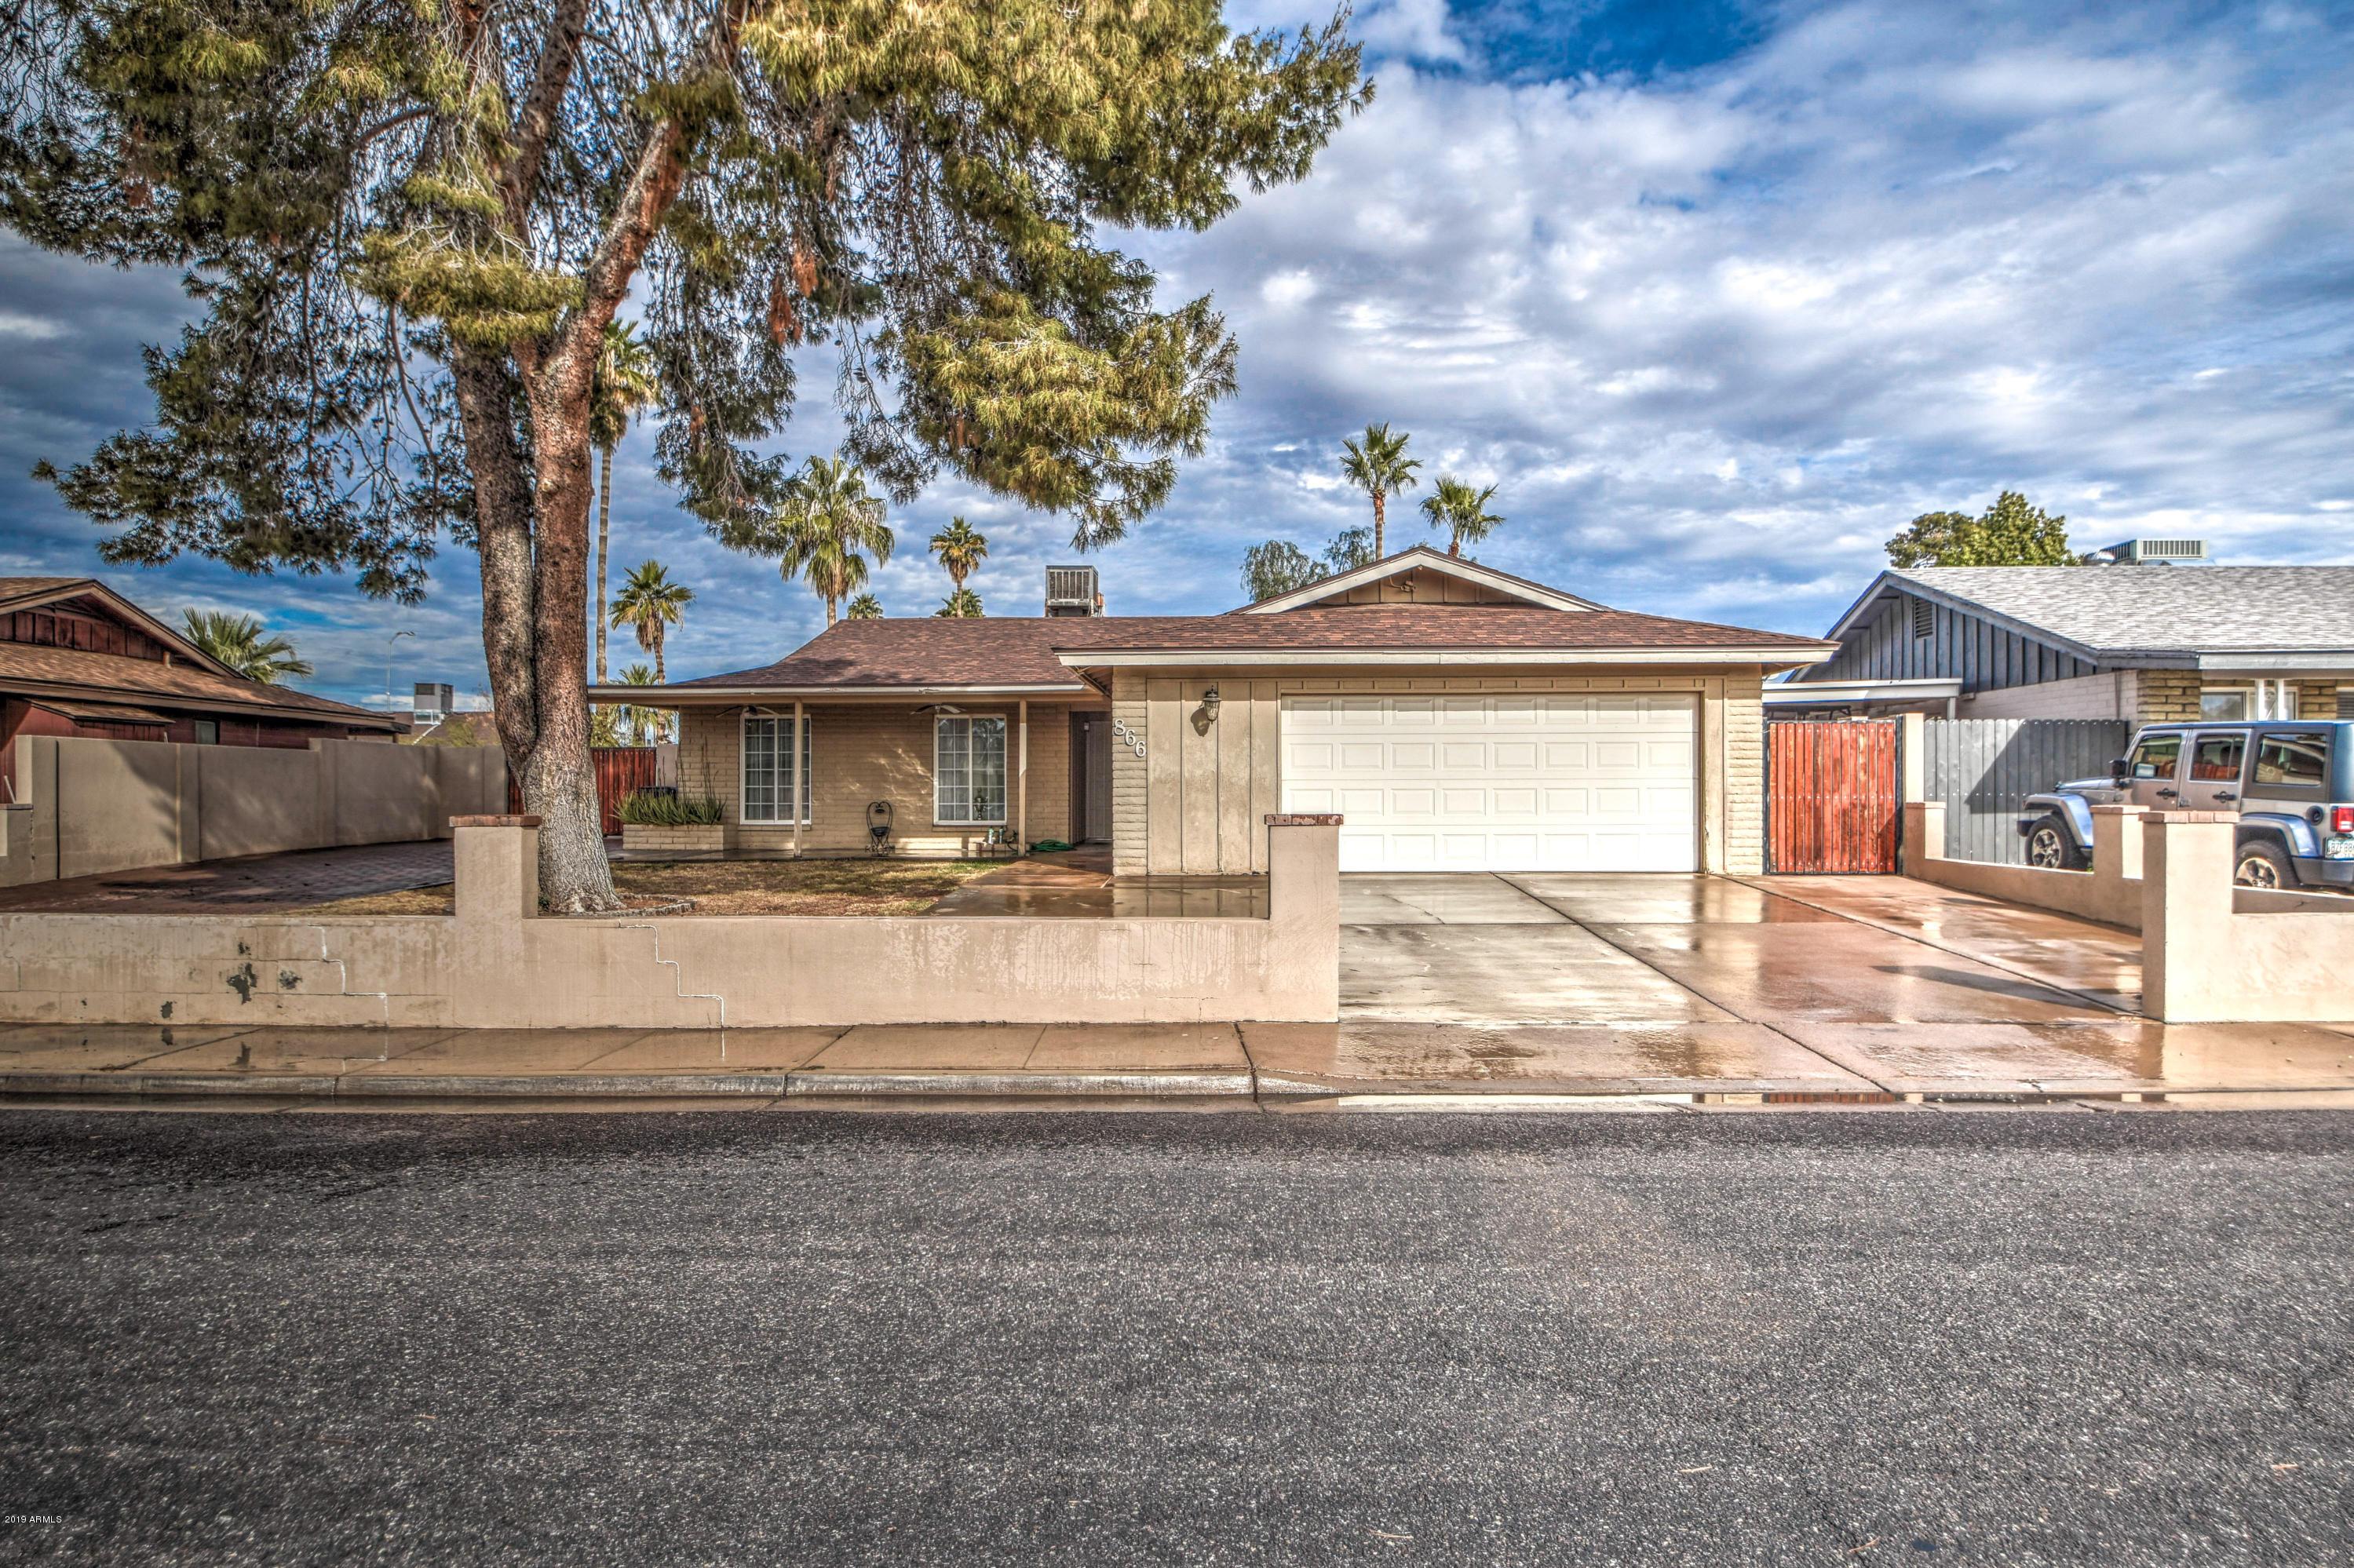 Photo of 866 E GARNET Avenue, Mesa, AZ 85204